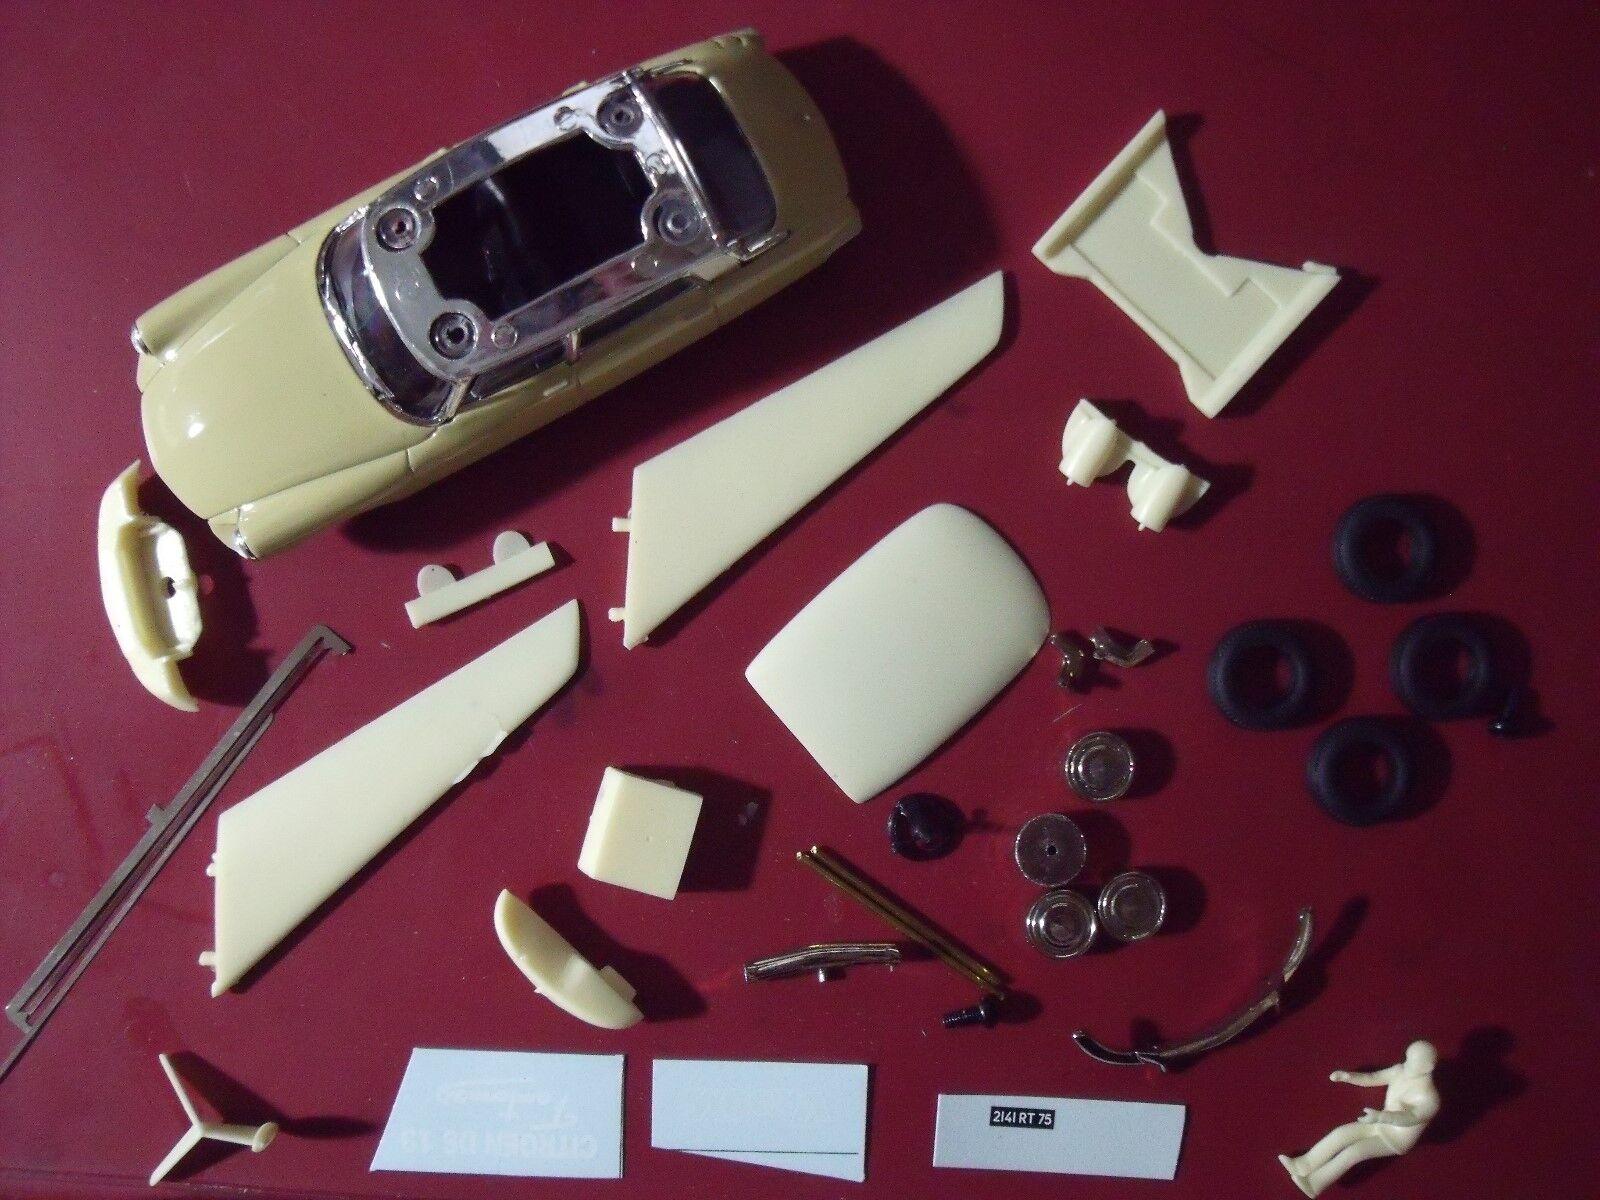 CITROEN  DS DS DS 19  FANTOMAS  DE  FUNES  VROOM  KIT  1 43  UNPAINTED  KIT  BAUSATZ c78635